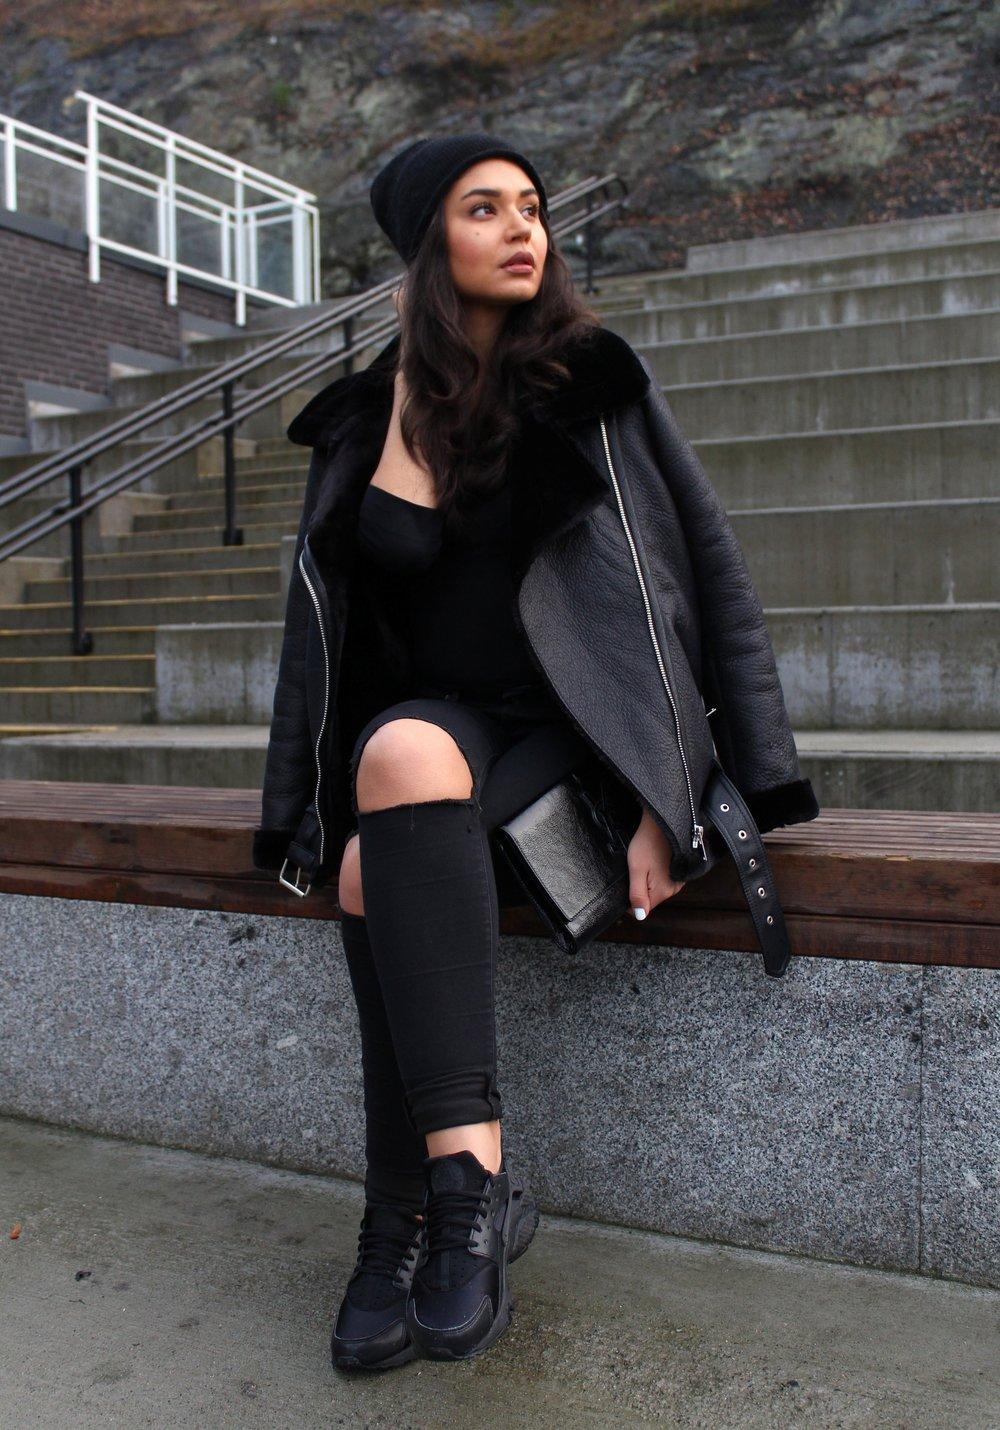 Jacket/ Zara      Sweater/   Hm   Jeans/  Bikbok    Sneakers/   Nike    Beanie/ FWSS    Clutch/   SaintLaurent